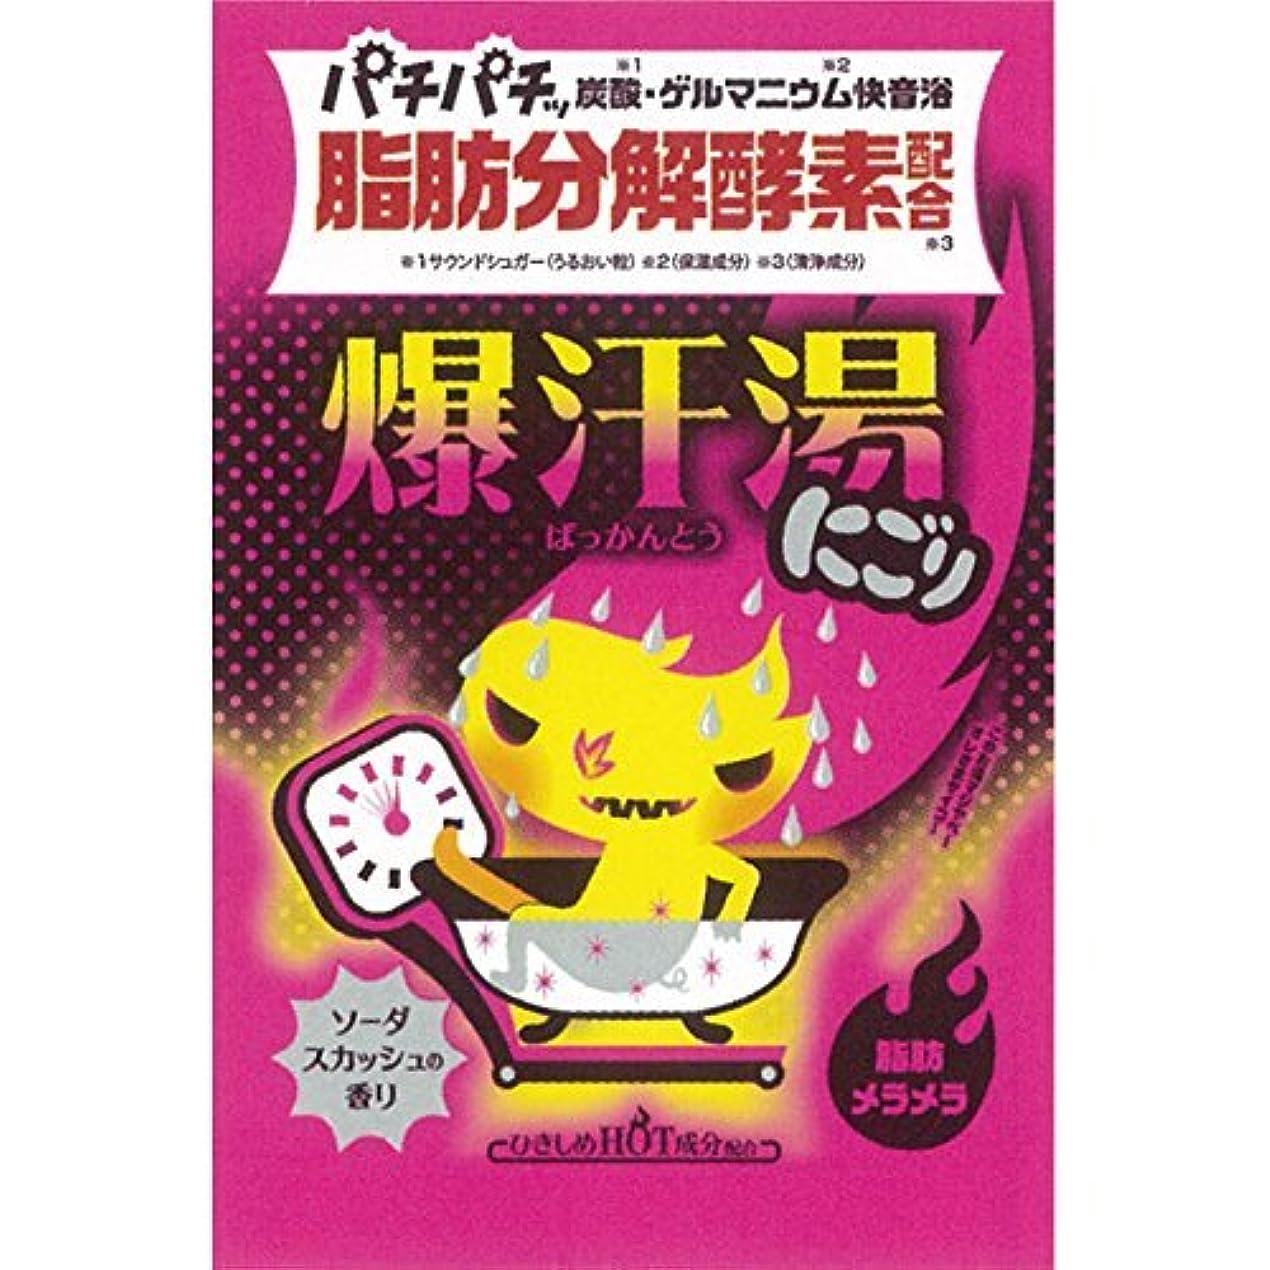 ホスト掃く照らす爆汗湯 ゲルマニウム快音浴 にごり ソーダスカッシュの香り(入浴剤)